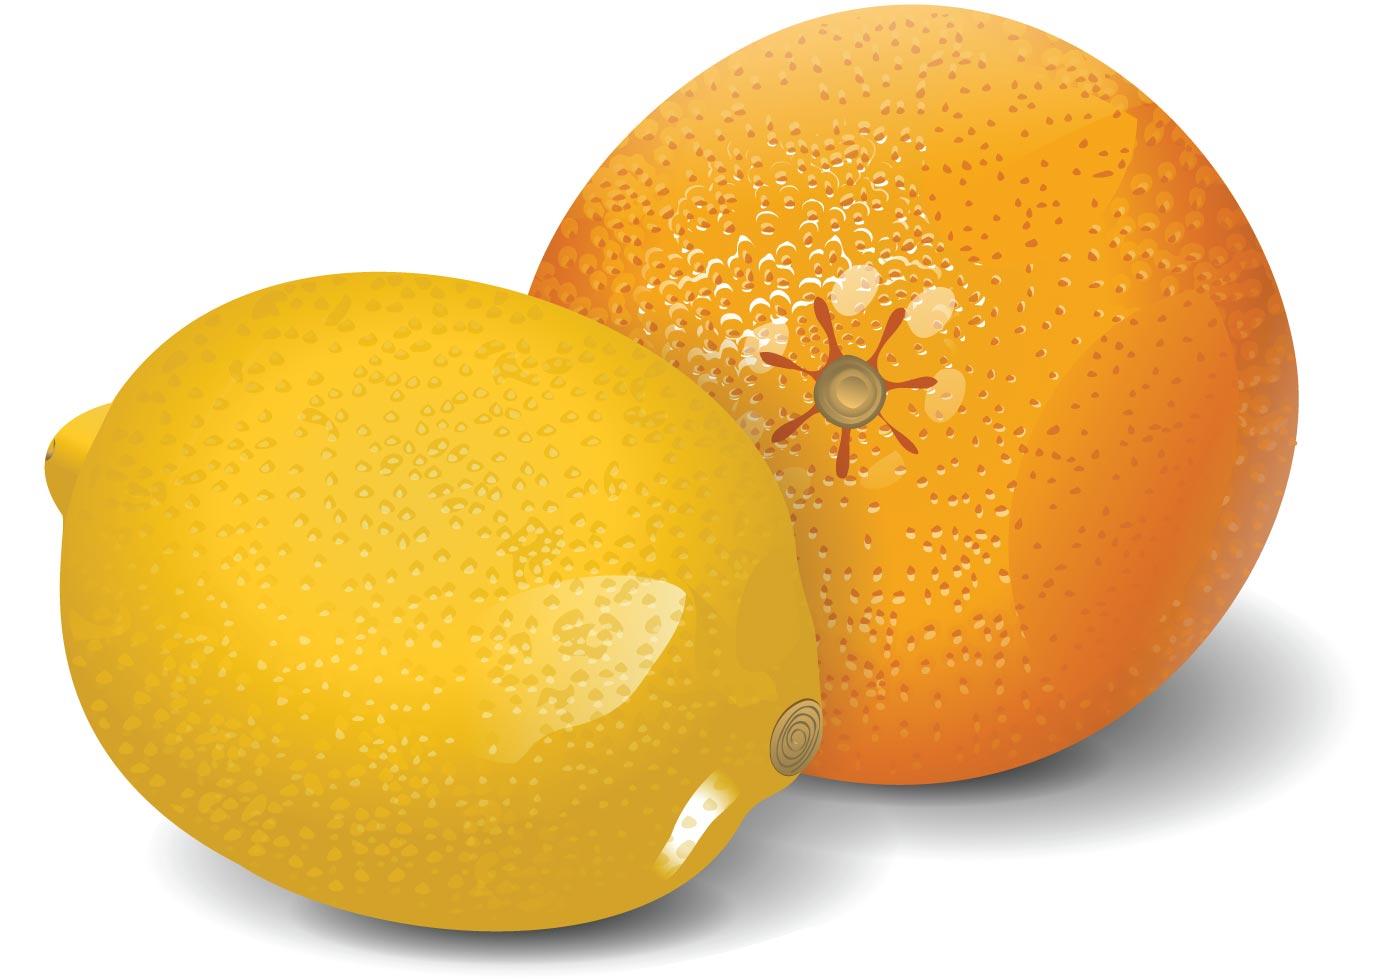 Lemon & Orange Vector | Free Vector Art at Vecteezy!